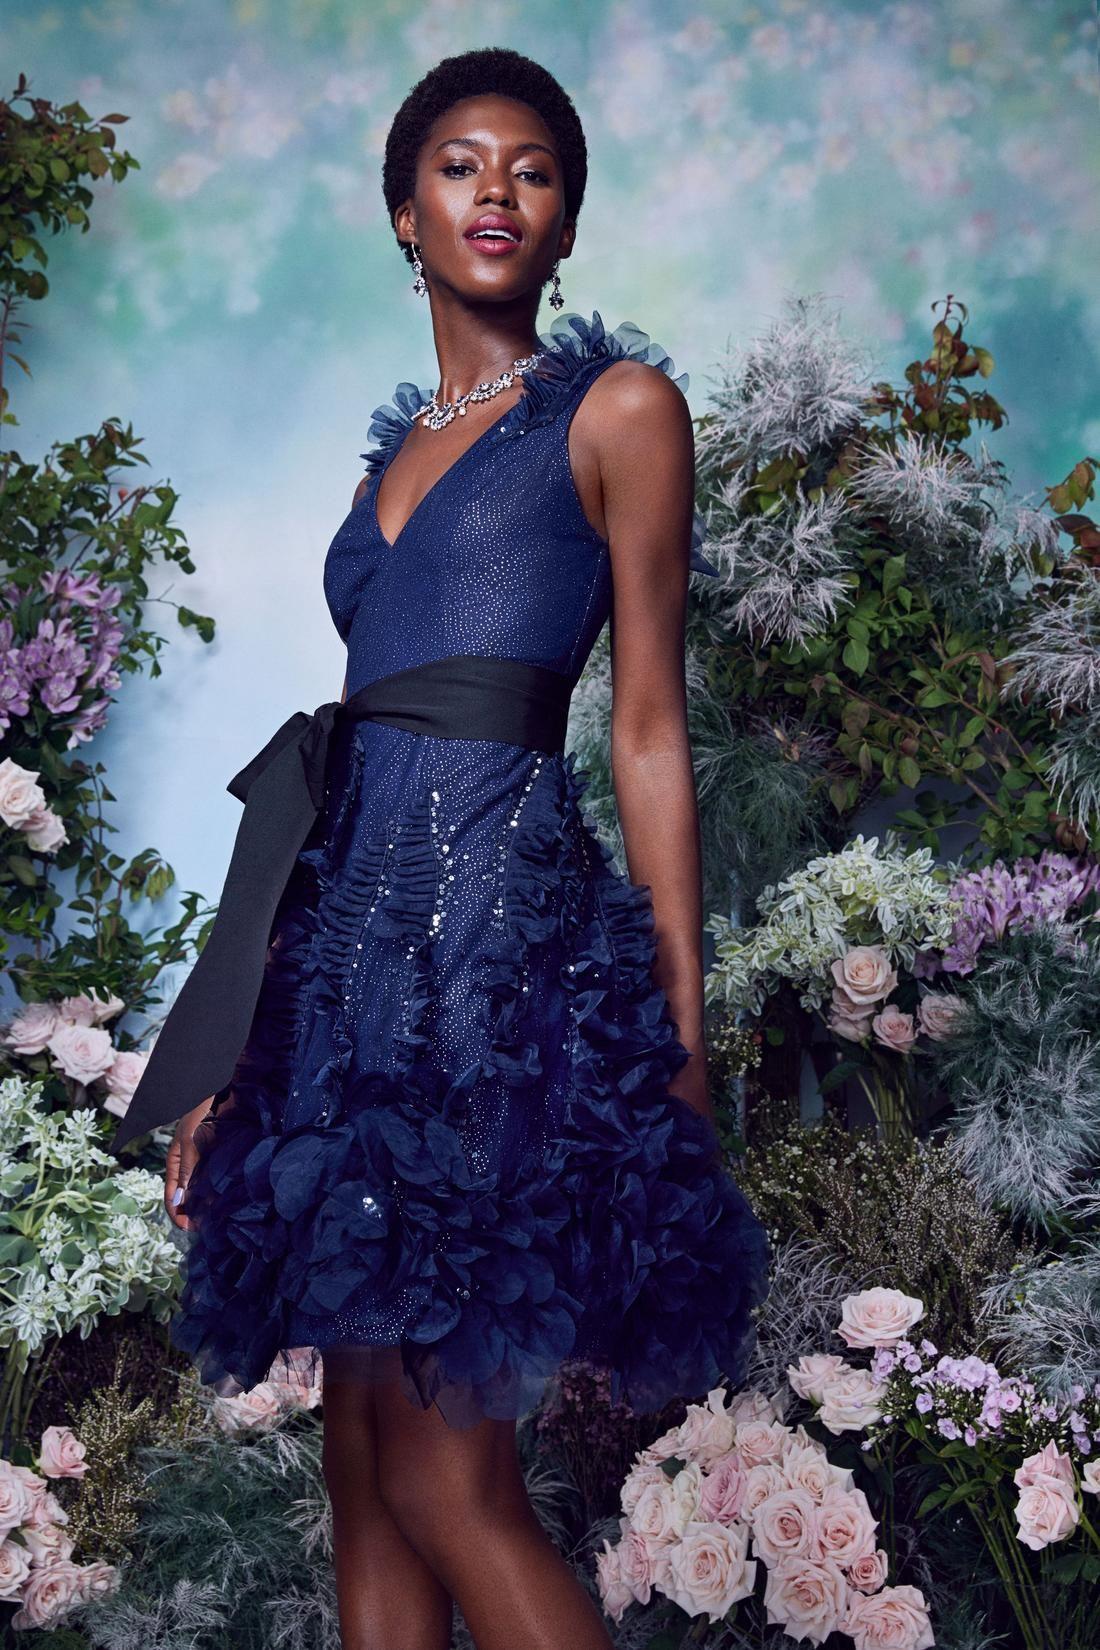 موديلات فساتين سهرة ترتر موضة ربيع 2021 مجلة سيدتي كشفت دور الأزياء العالمية ضمن مجموعاتها الجديدة عن صيحات Fashion Beautiful Evening Dresses Black Ball Gown